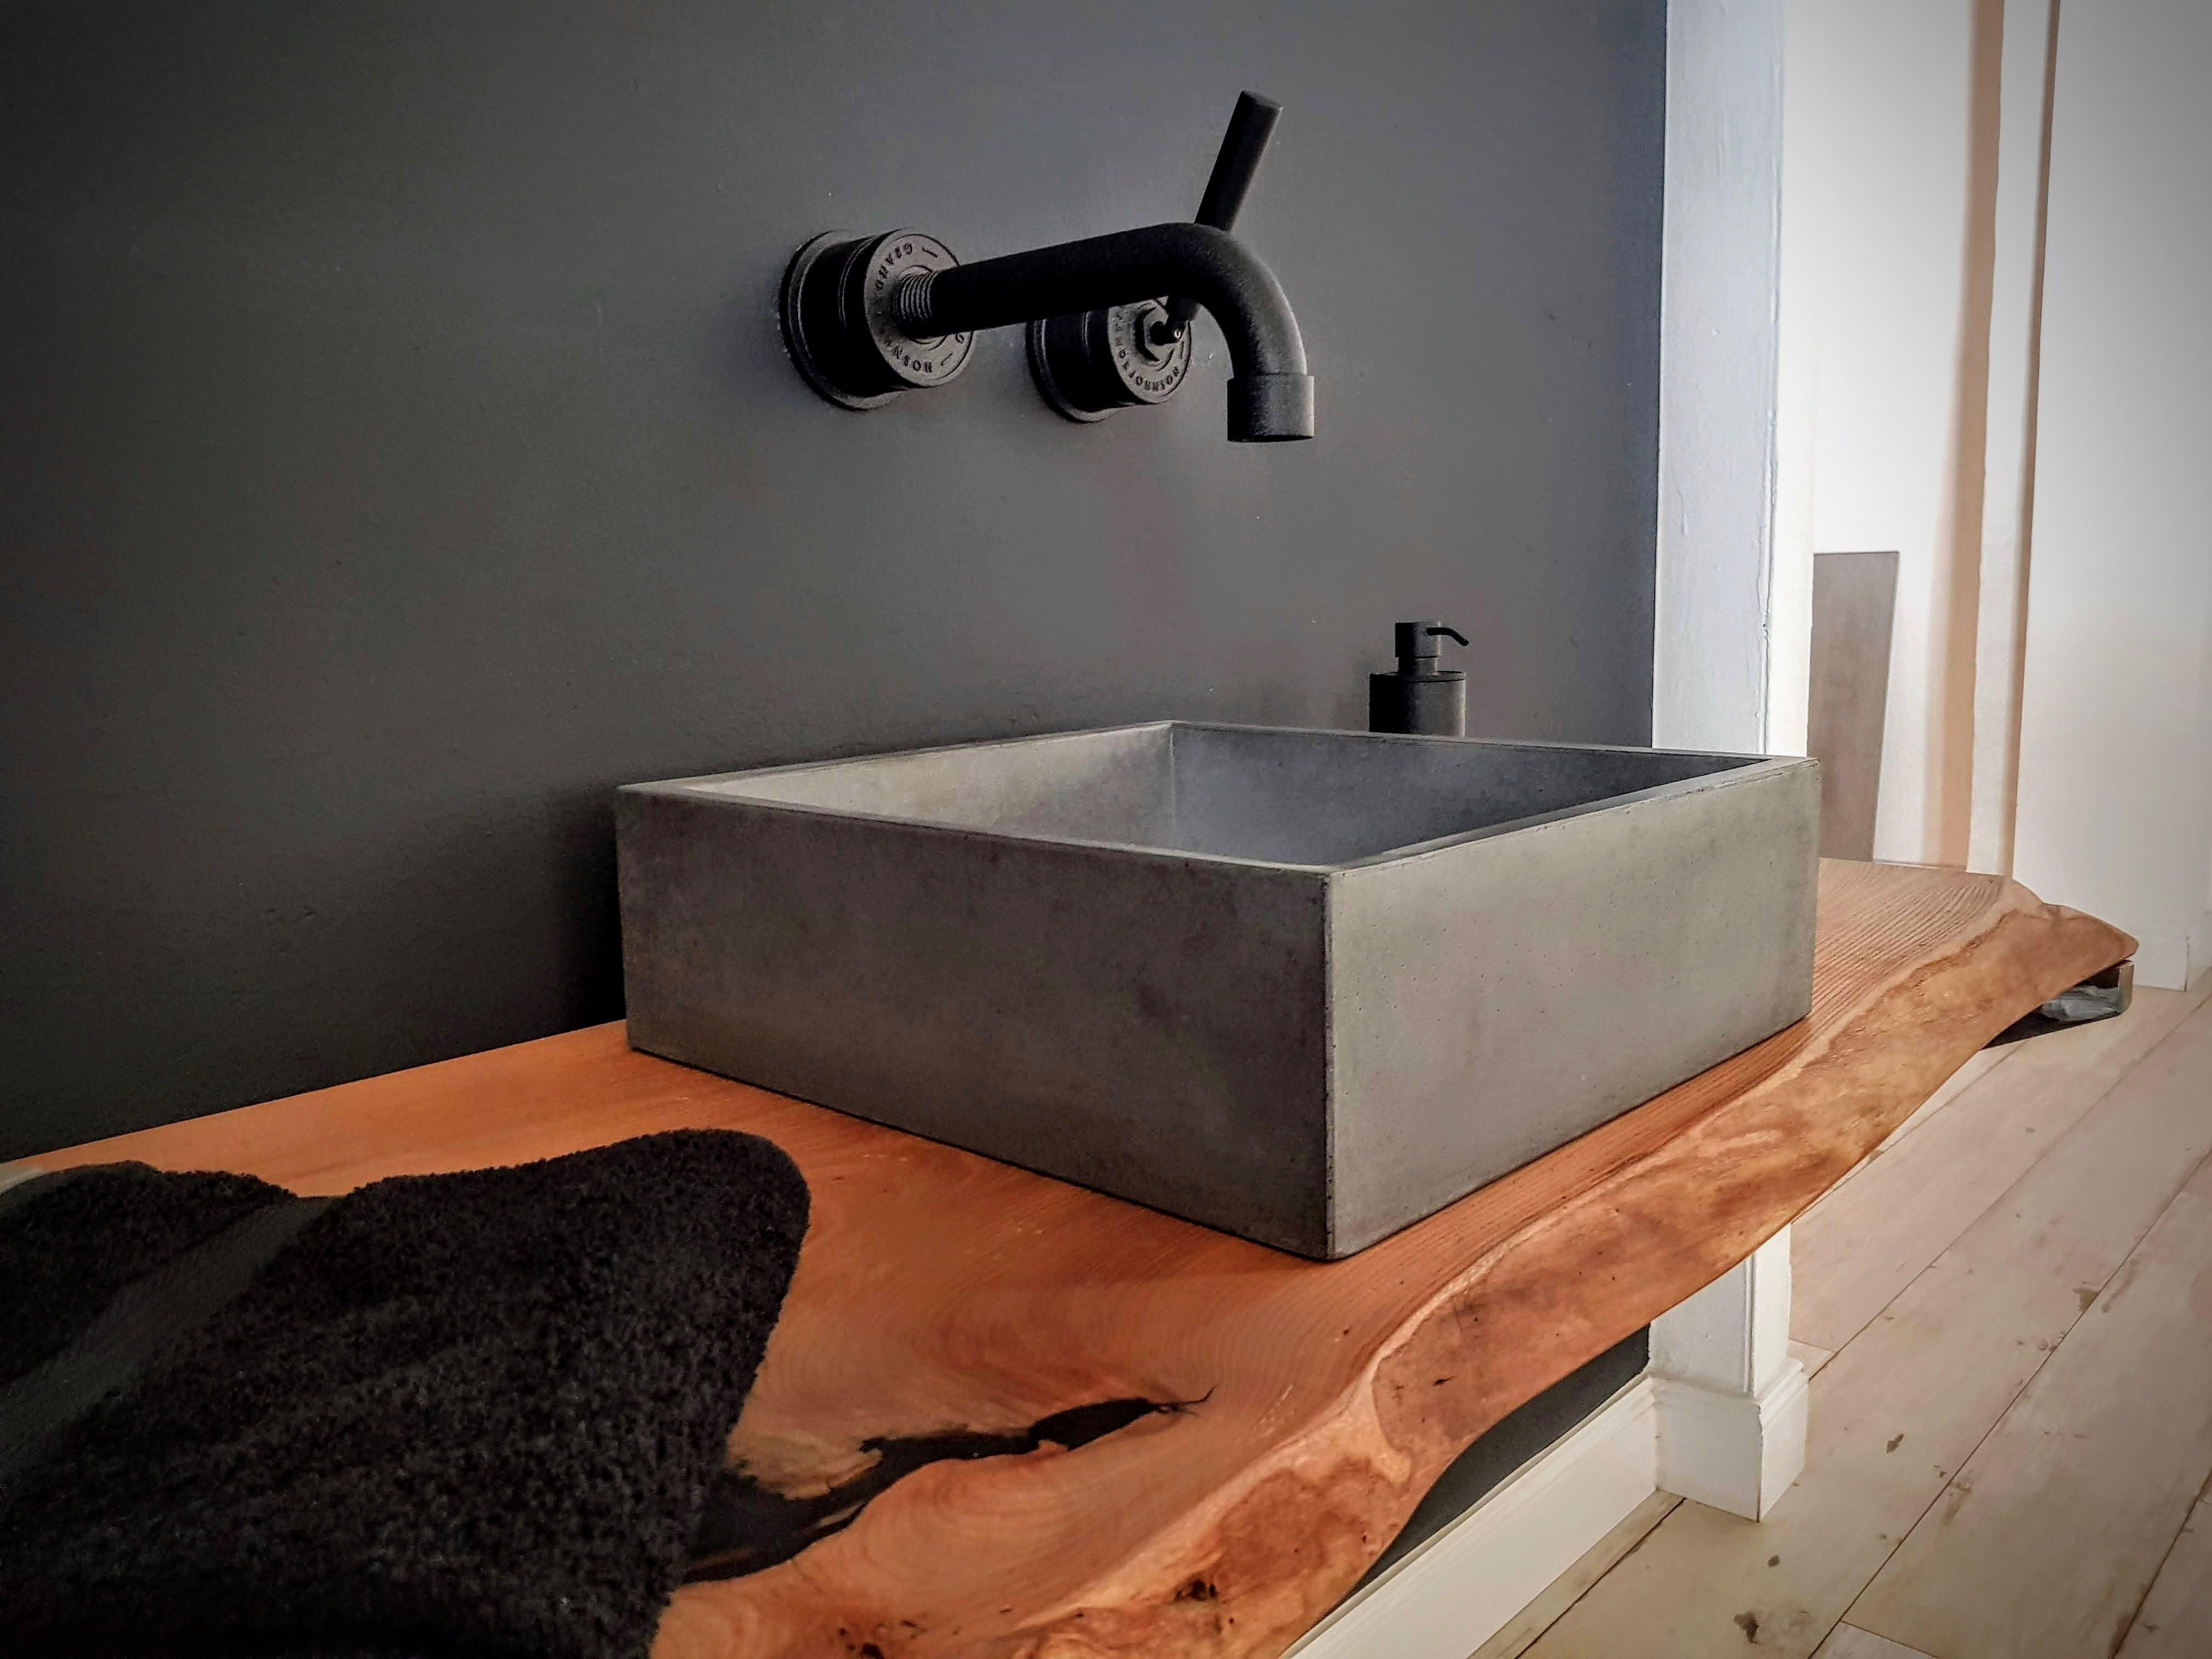 Natur Trifft Industrial Das Kompakte Waschbecken Aus Unserem Hellgrauen Beton Und Die Konsolen Aus G Waschbecken Gaste Wc Mobel Moderne Badezimmer Waschbecken